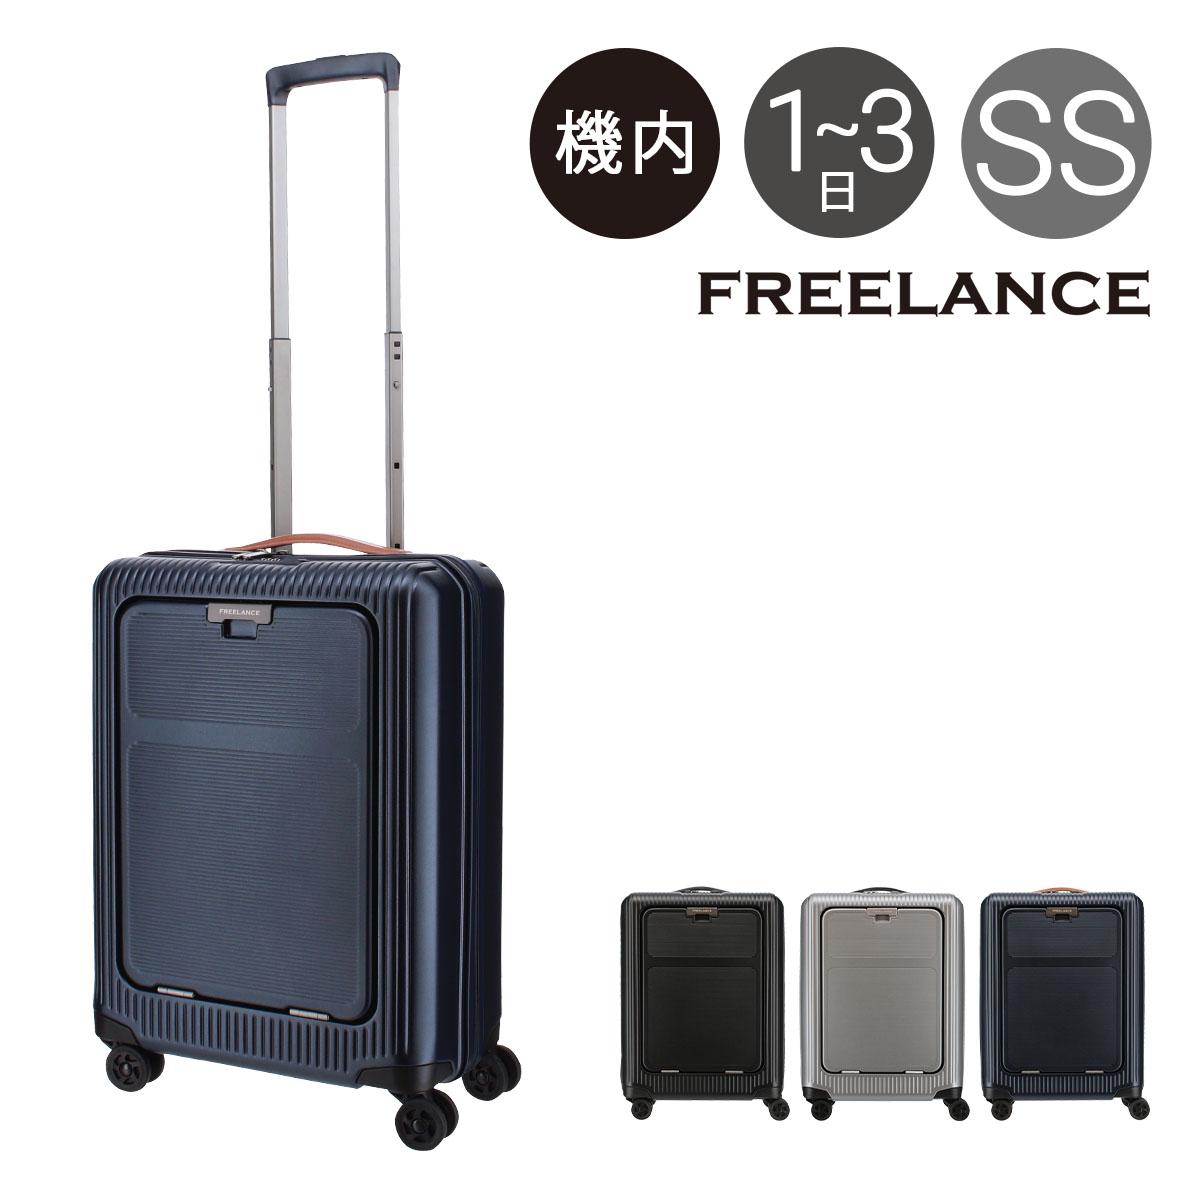 スーツケース キャリーケース フリーランス [PO5] flt-012 FREELANCE [即日発送] ビジネスキャリー